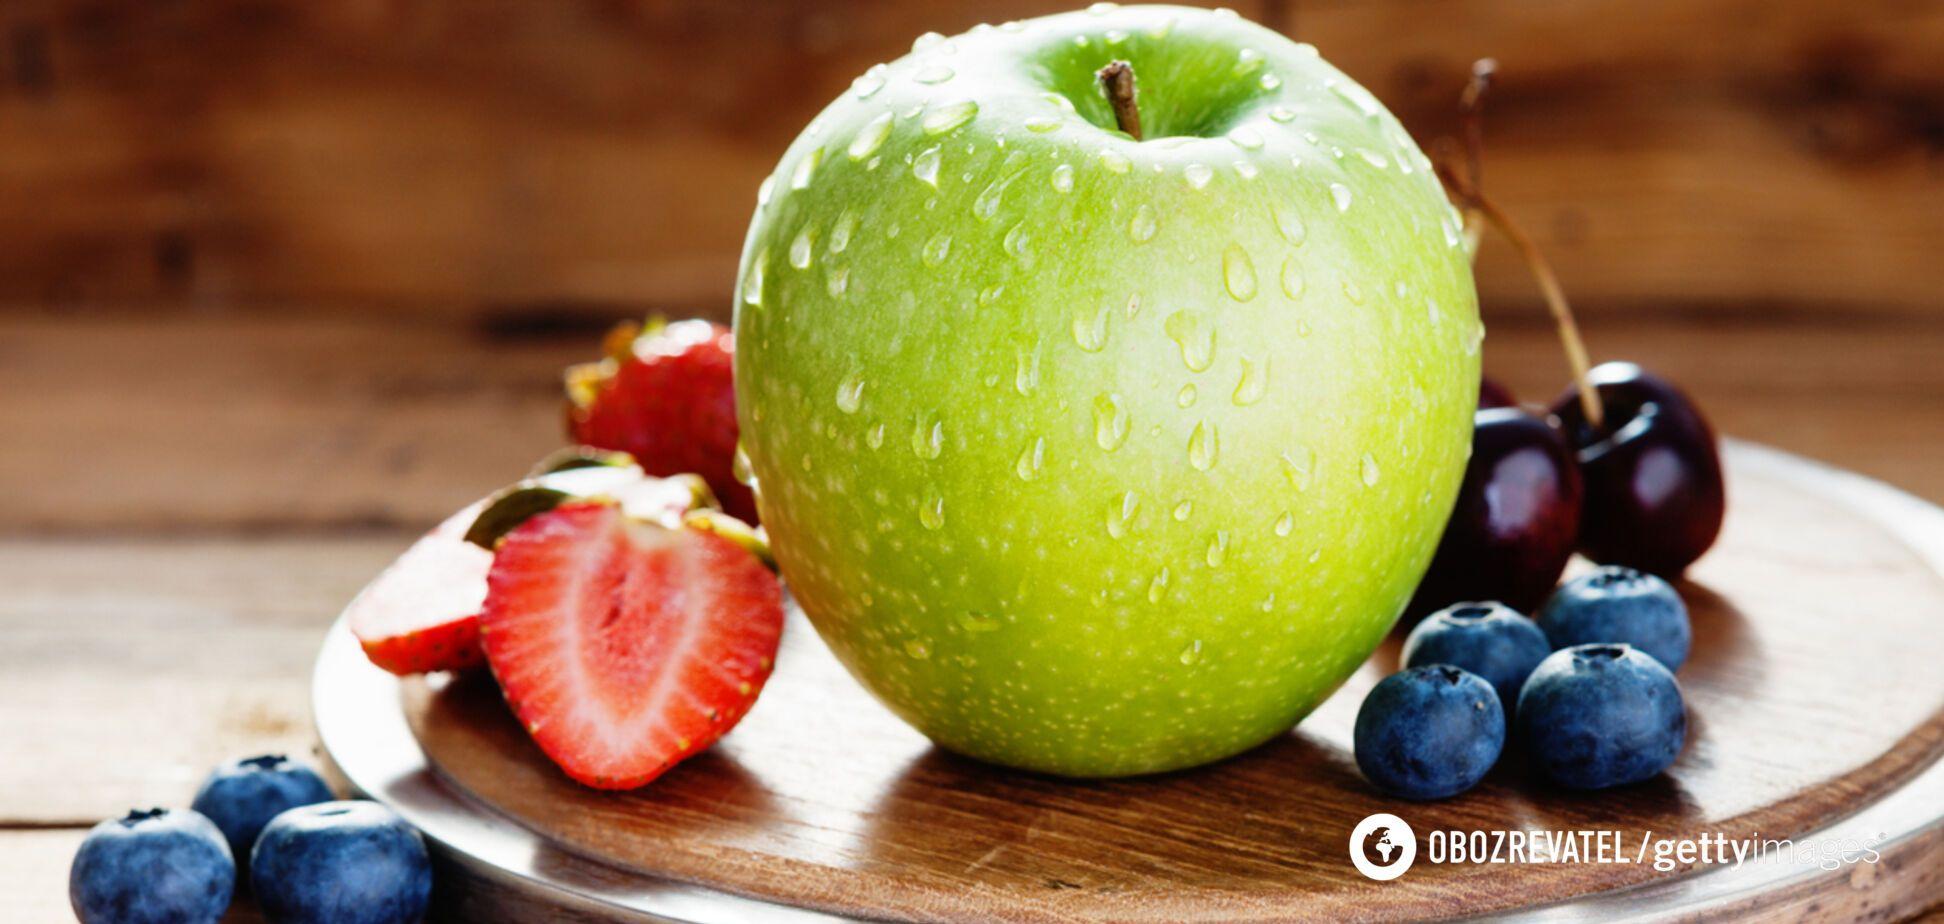 5 сортов фруктов и ягод, способных сделать женщину еще красивее